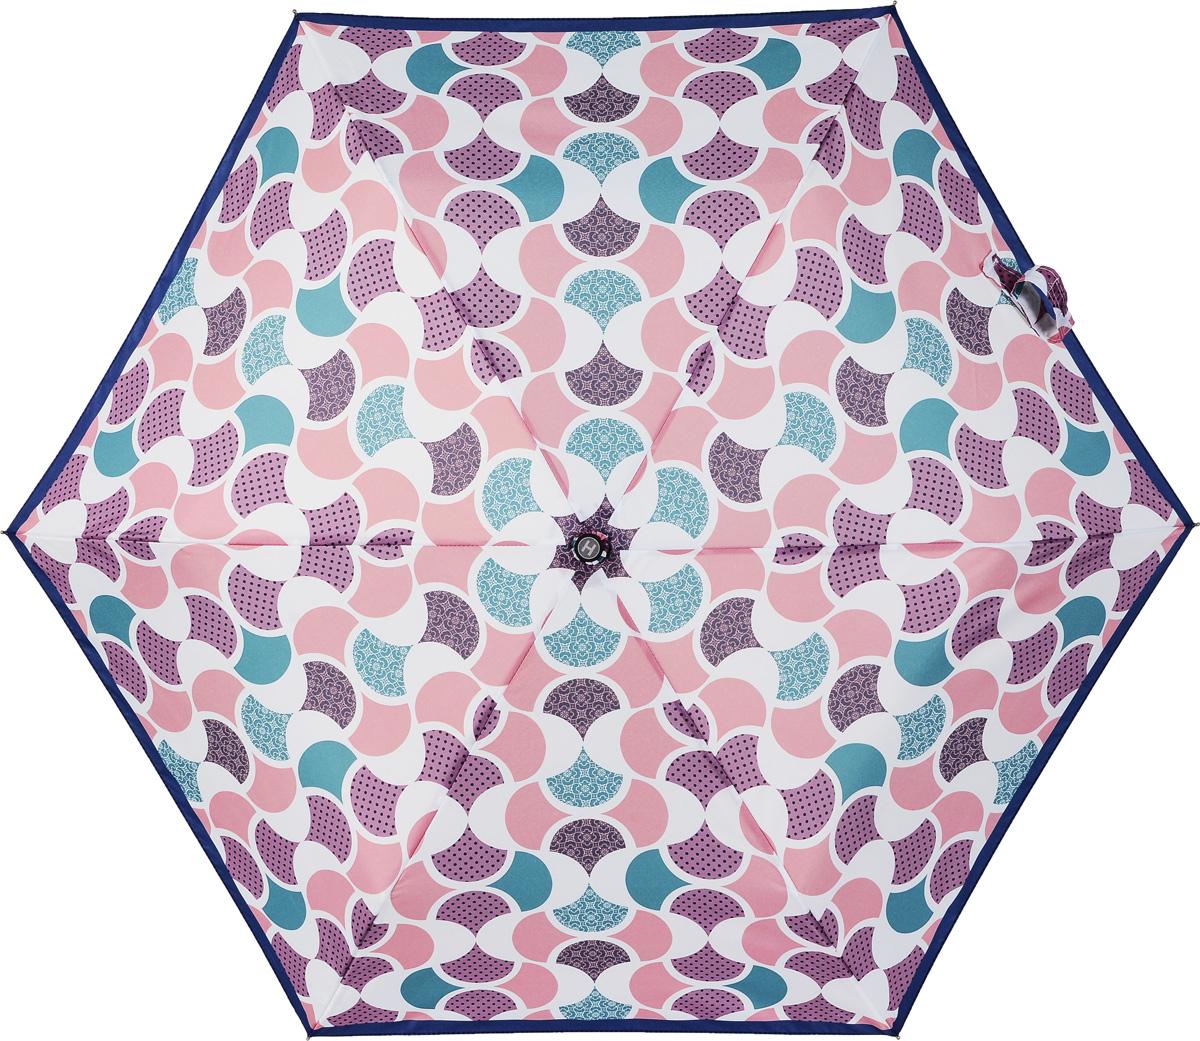 Зонт женский Henry Backer, 3 сложения, цвет: розовый. U32203 Good mood45100948B/32793/5900NСуперлегкий женский зонт «Хорошее настроение», механикаРучка выполнена из нескользящего материала, ветроустойчивый каркас – из алюминия и фибергласса.